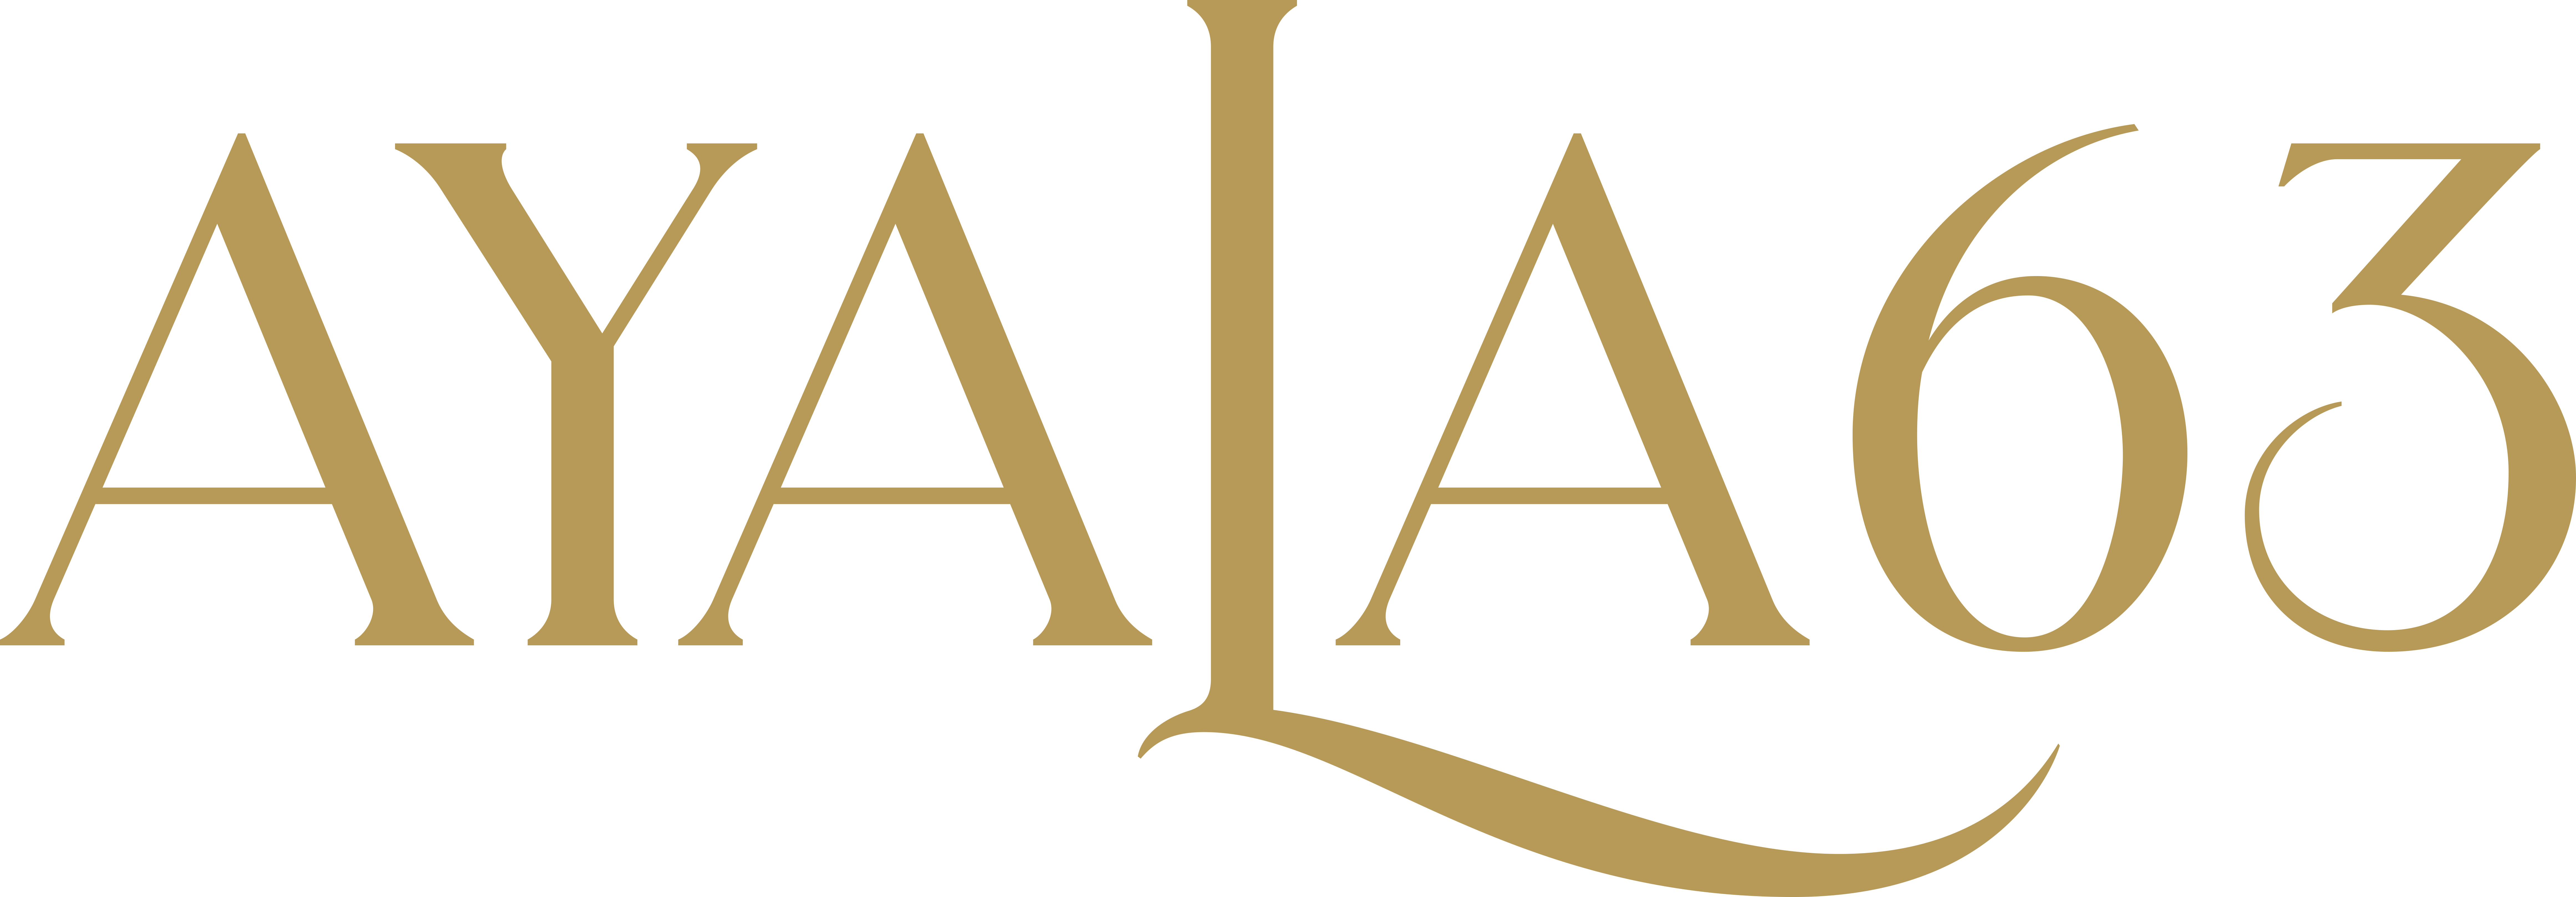 Ayala 63